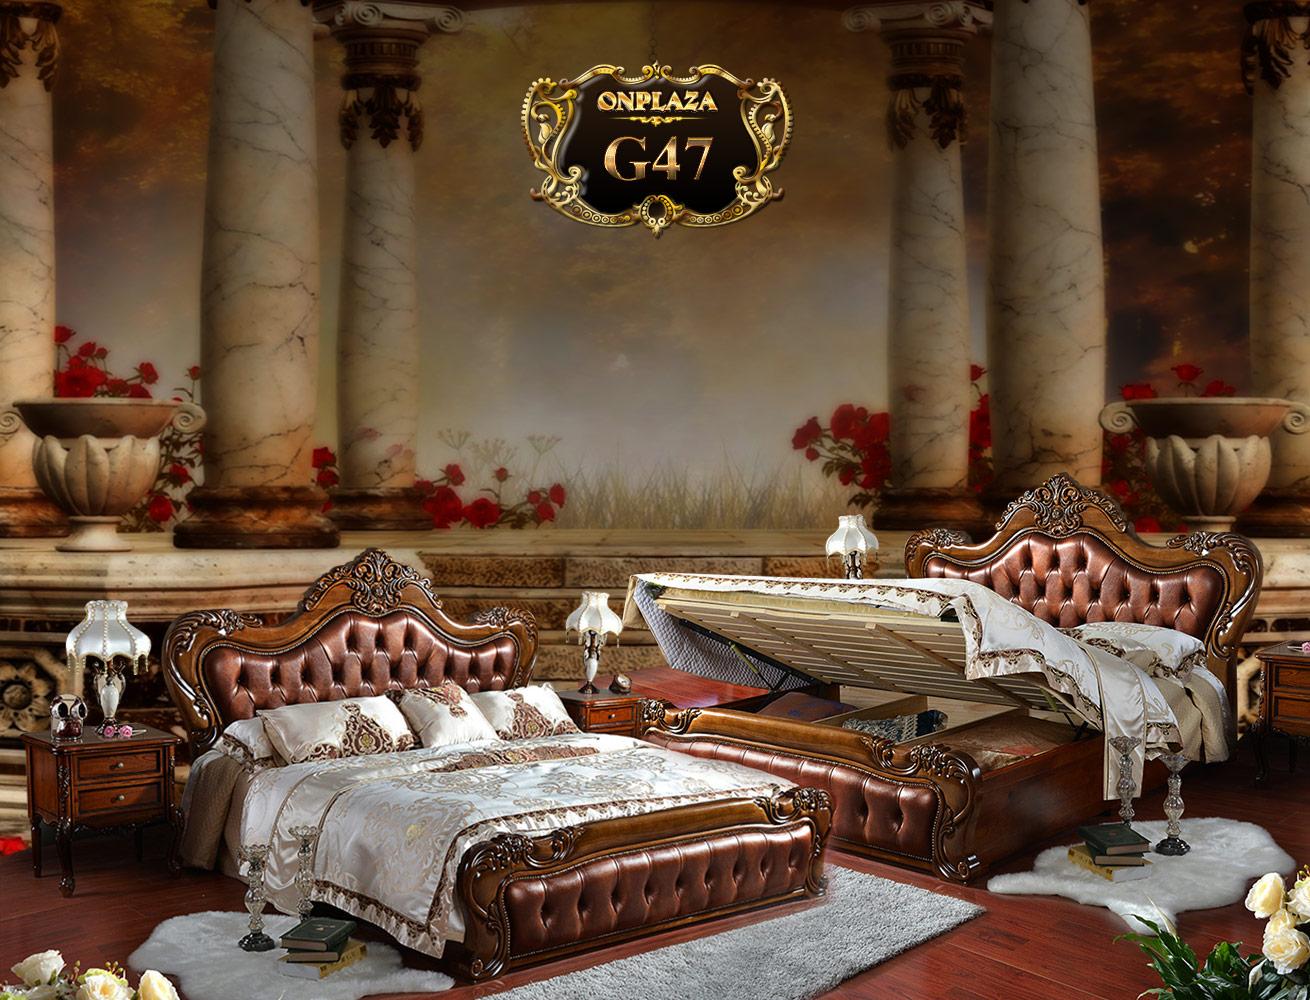 Giường ngủ bọc da cao cấp khắc gỗ cổ điển G47 | Giường ngủ cổ điển giá rẻ | Giường gỗ cổ điển tại Hà Nội